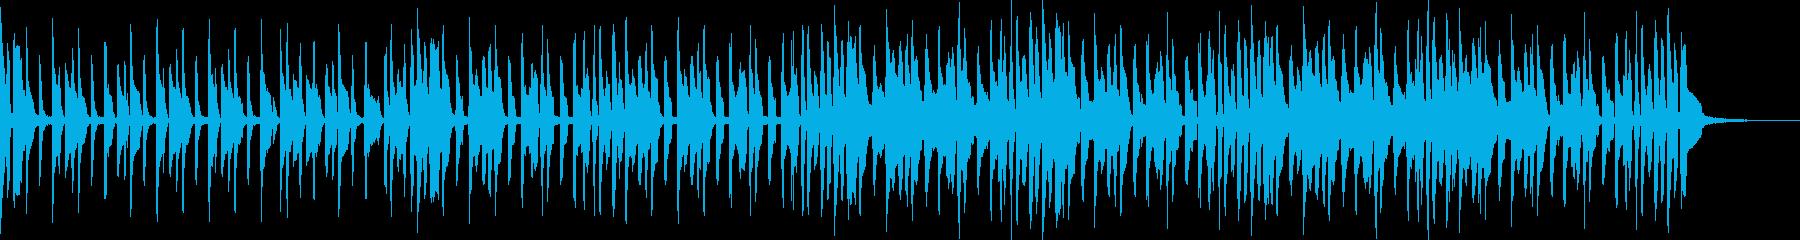 クール  ニュース CM ヒップホップの再生済みの波形